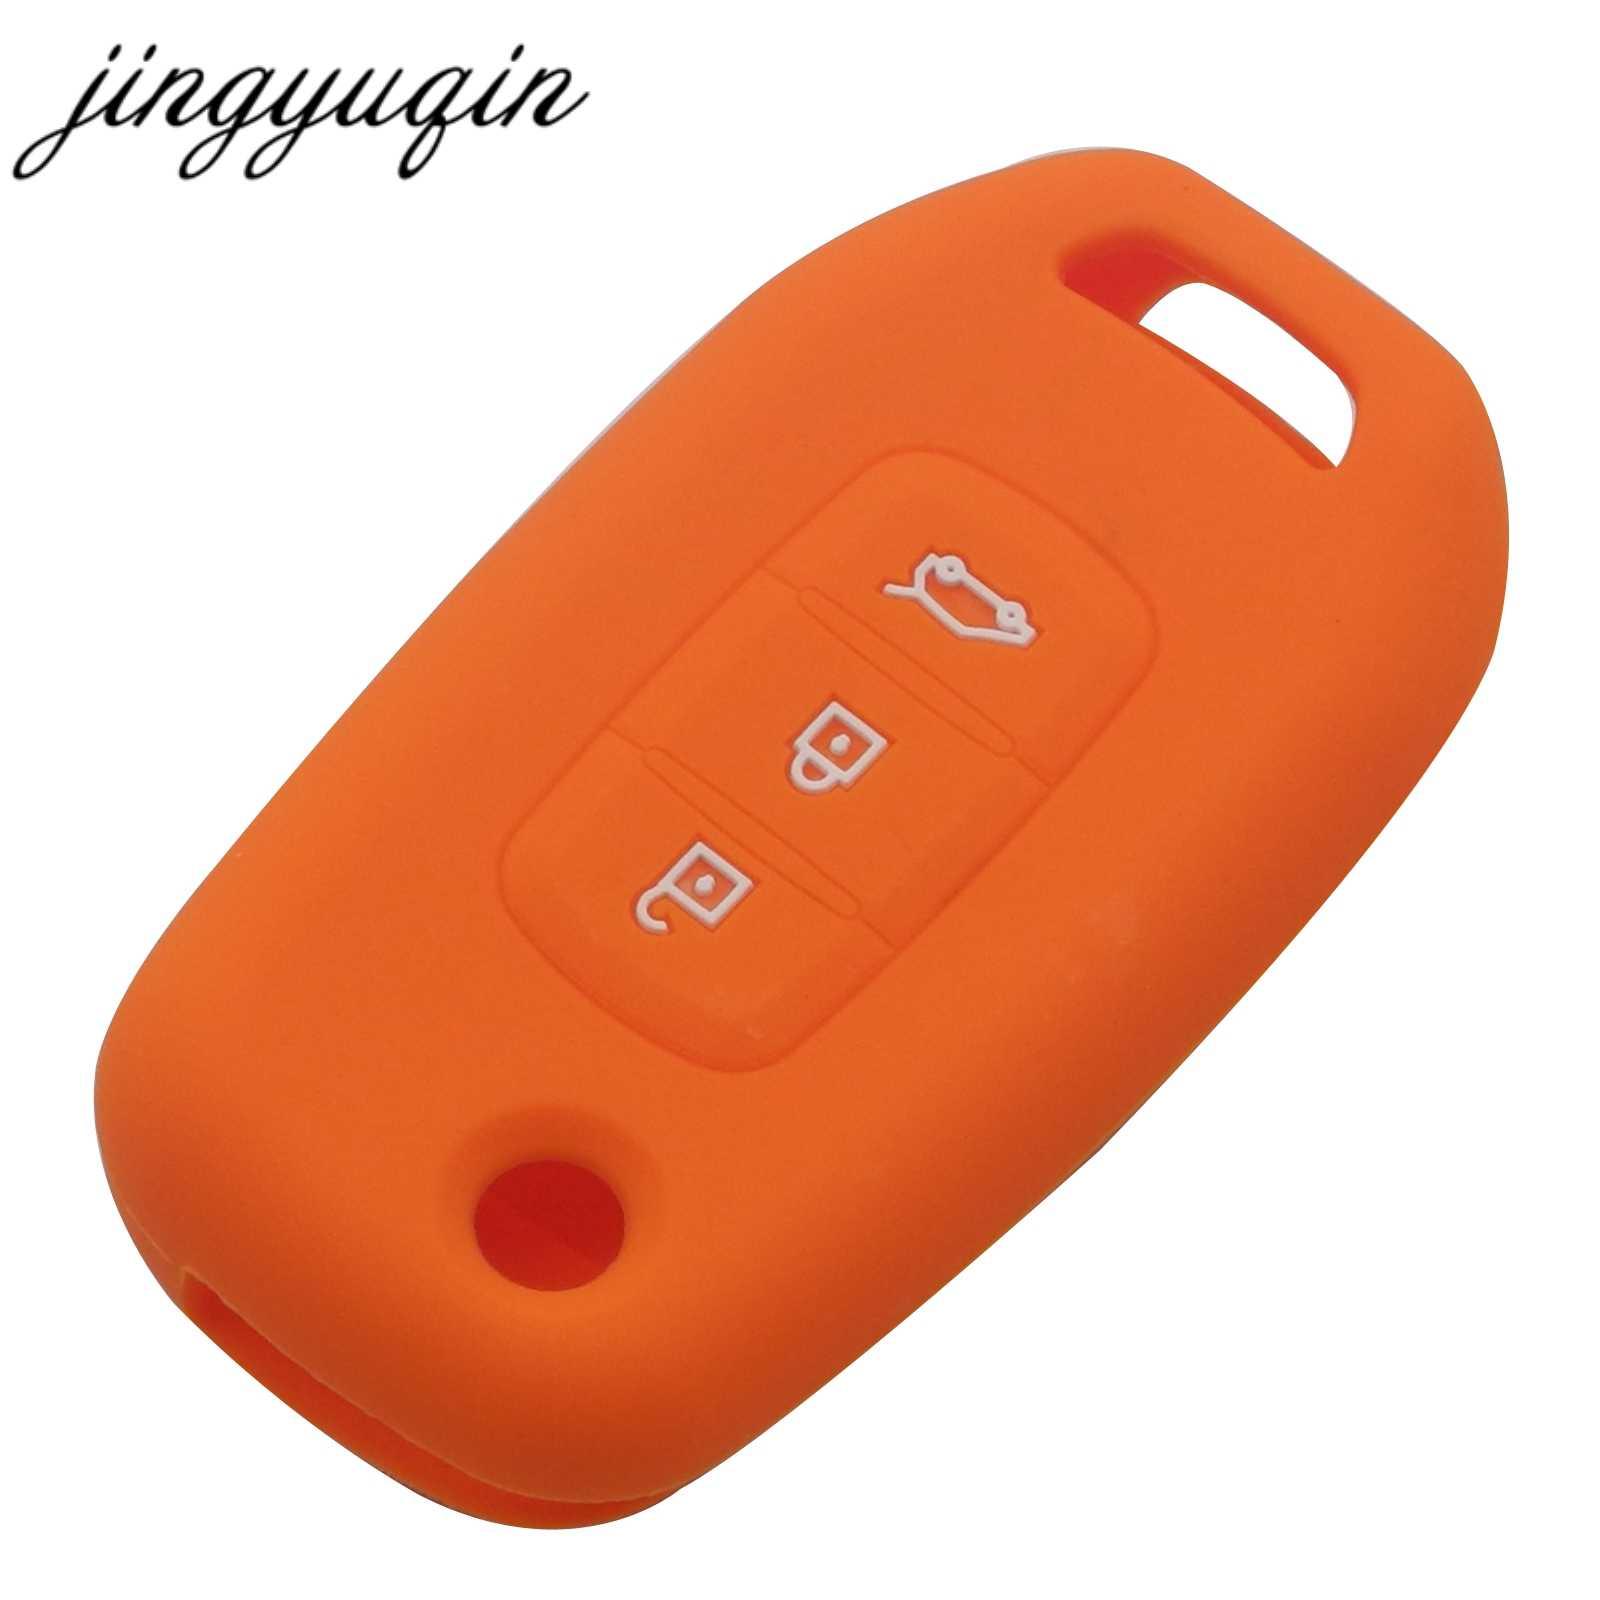 Jingyuqin سيليكون مفتاح غطاء فوب علبة لرينو kadtree كوليوس ميغان الوجه للطي مفتاح بعيد 3 أزرار هلام السيليكا سيارة التصميم